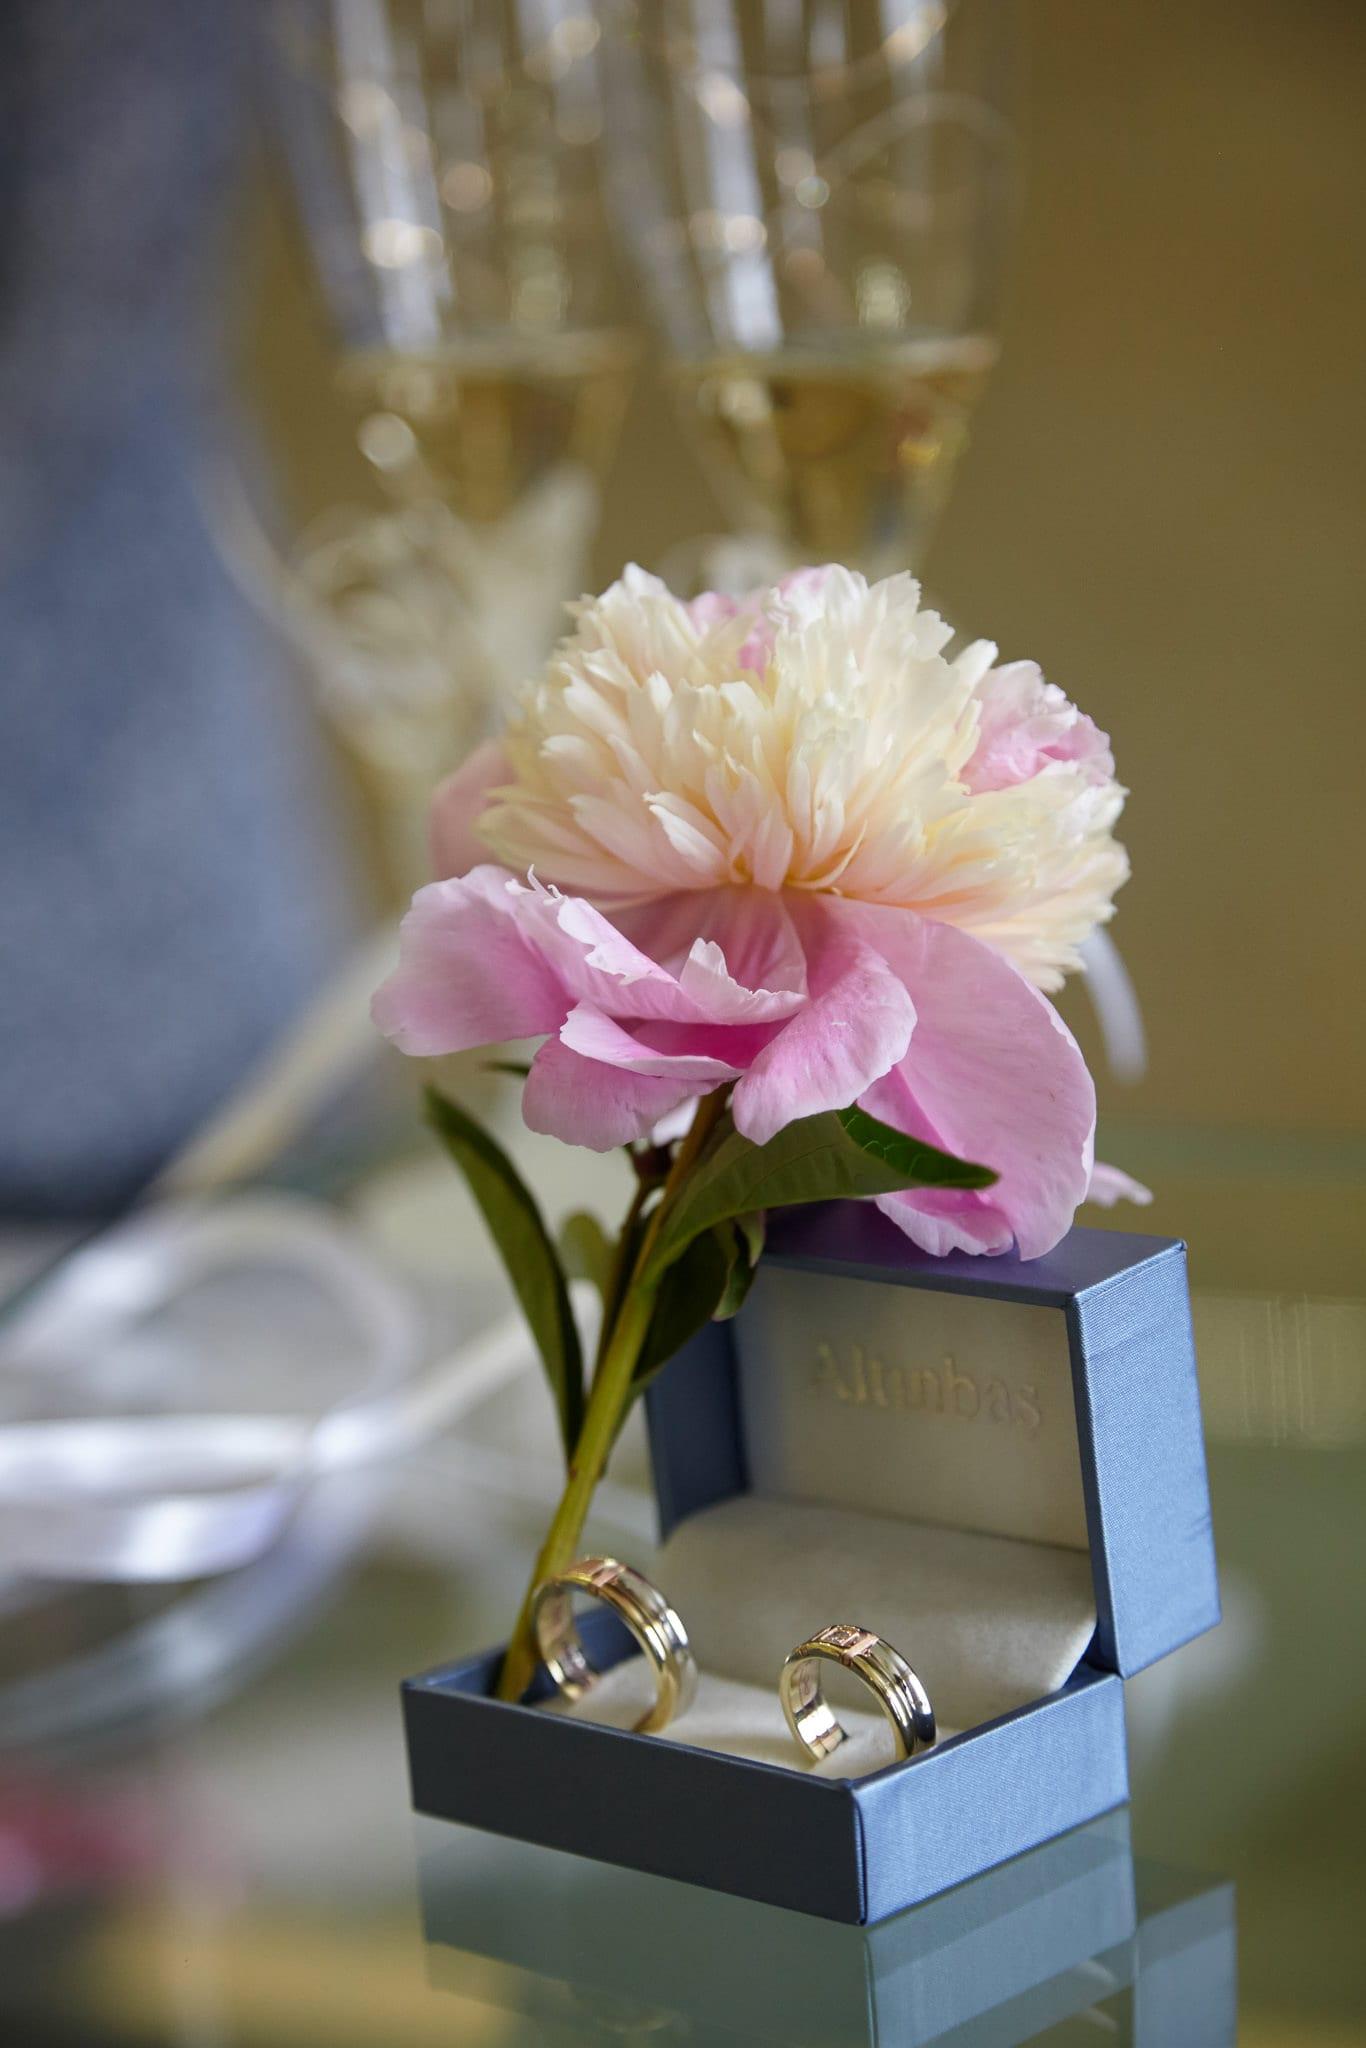 сватбени халки, декорация на сватбена агенция Приказен ден, сватбен агент Мариела Уилсън